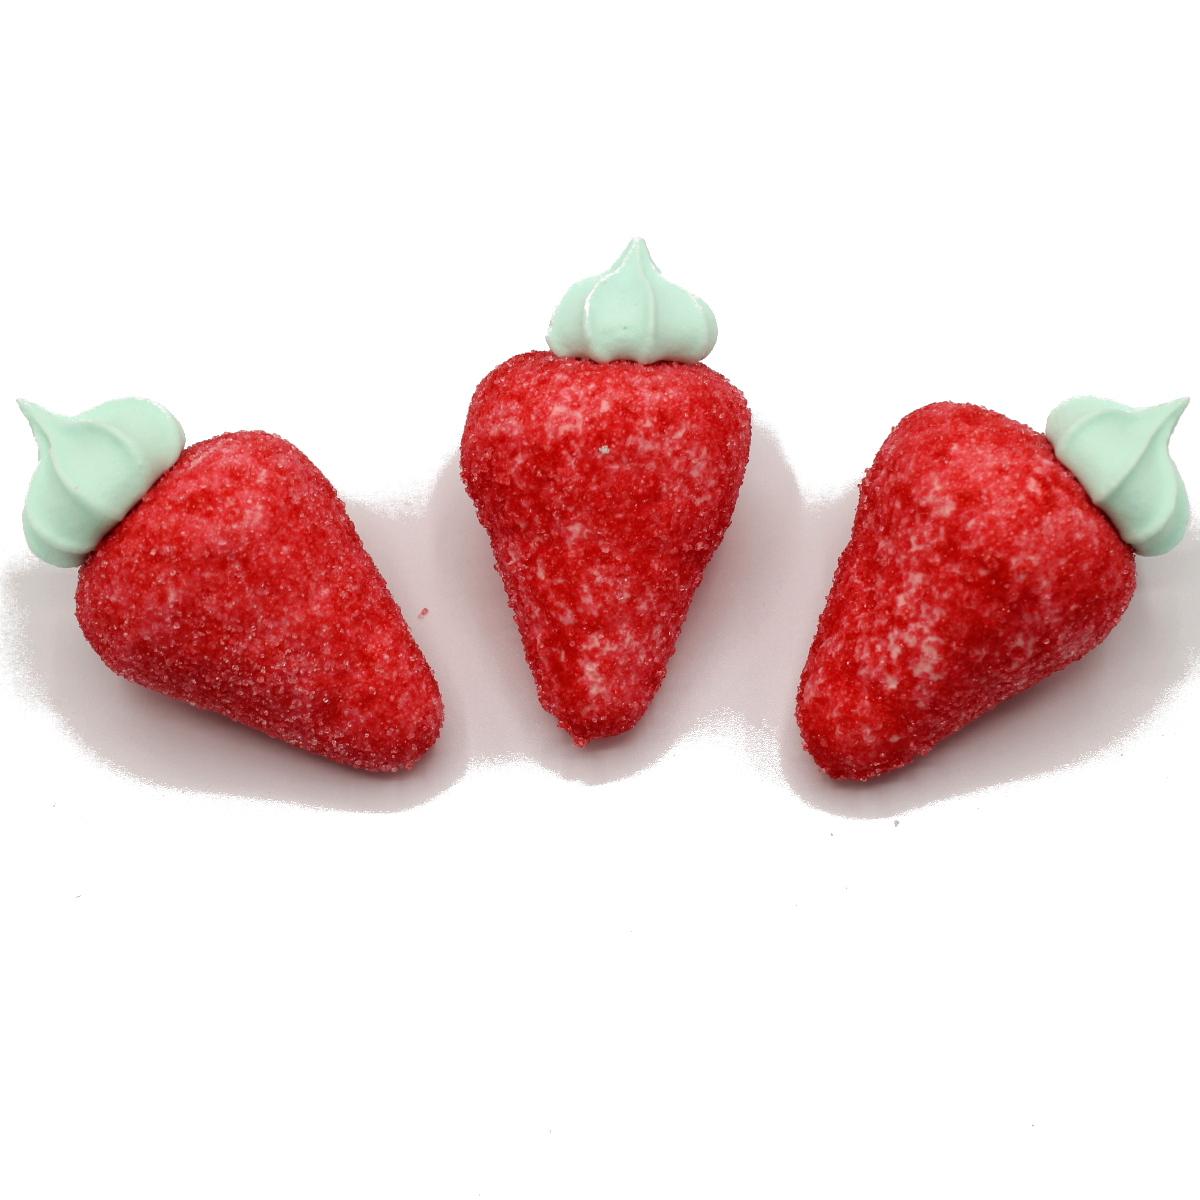 fragolette di zucchero Chirico vendita online Le Mille e una Mella